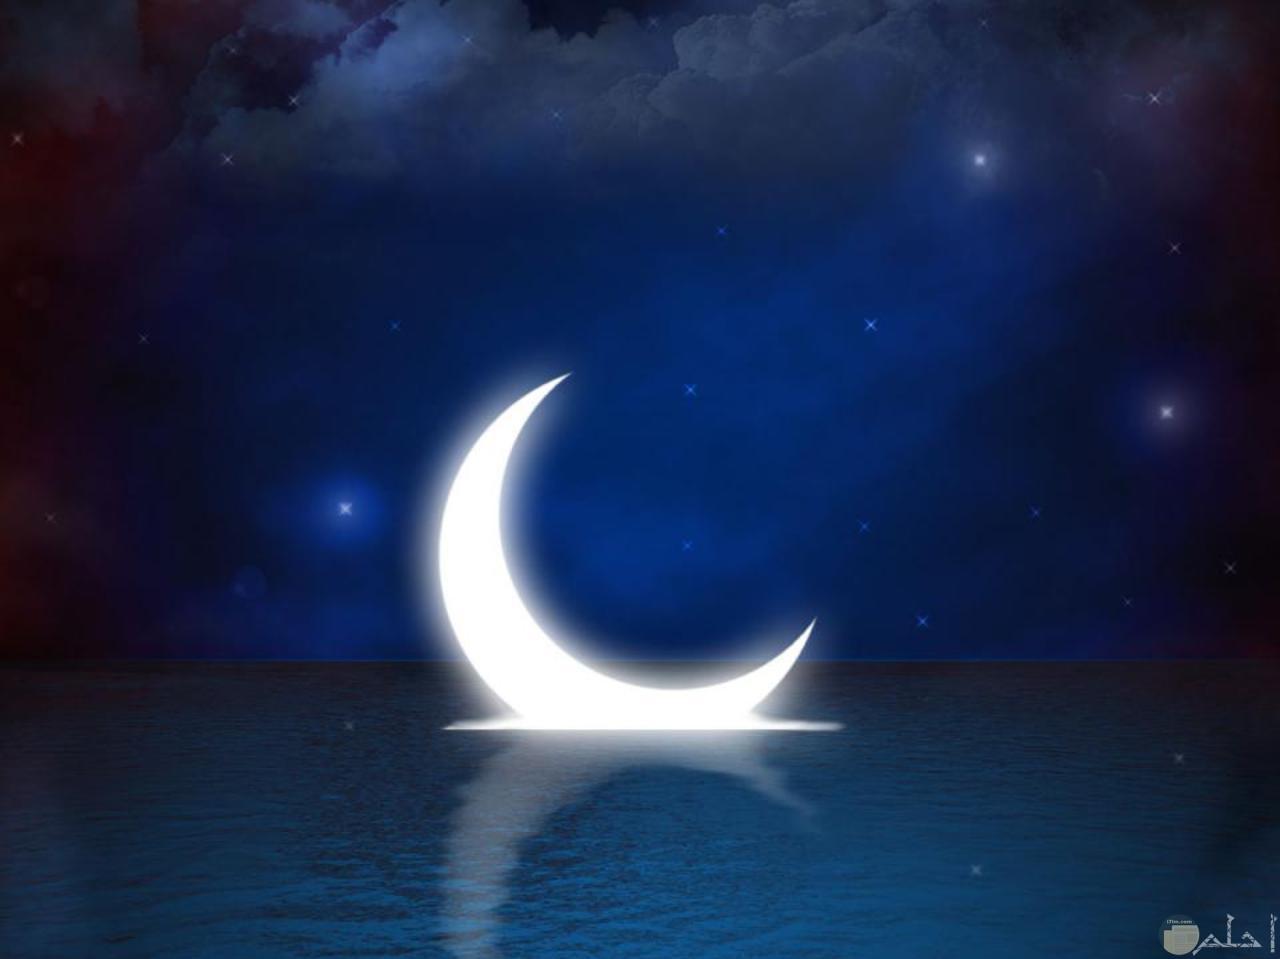 هلال شهر رمضان يسبح بالماء.